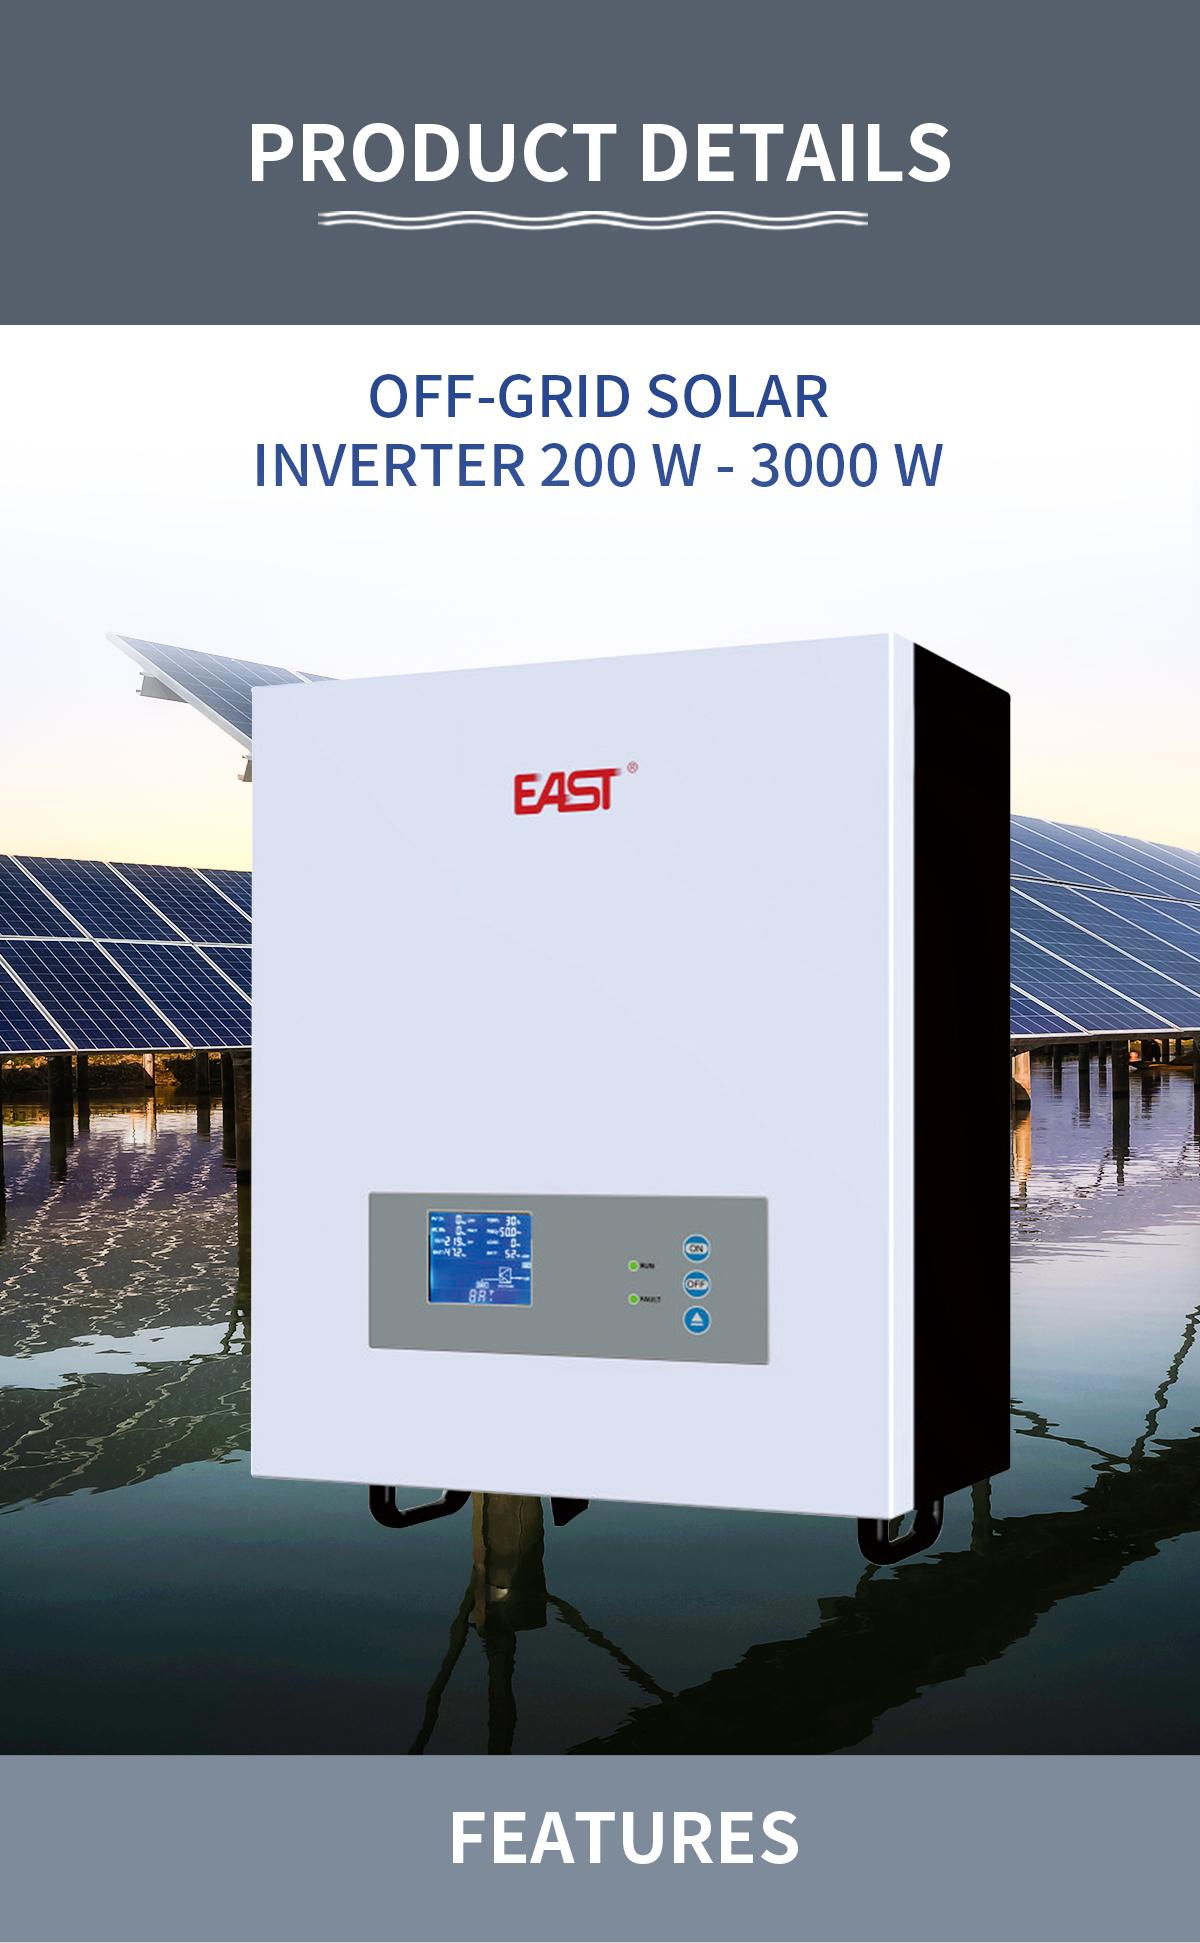 Off-Grid-Solar-Inverter-200-W---3000-W-(产品主图)_01.jpg